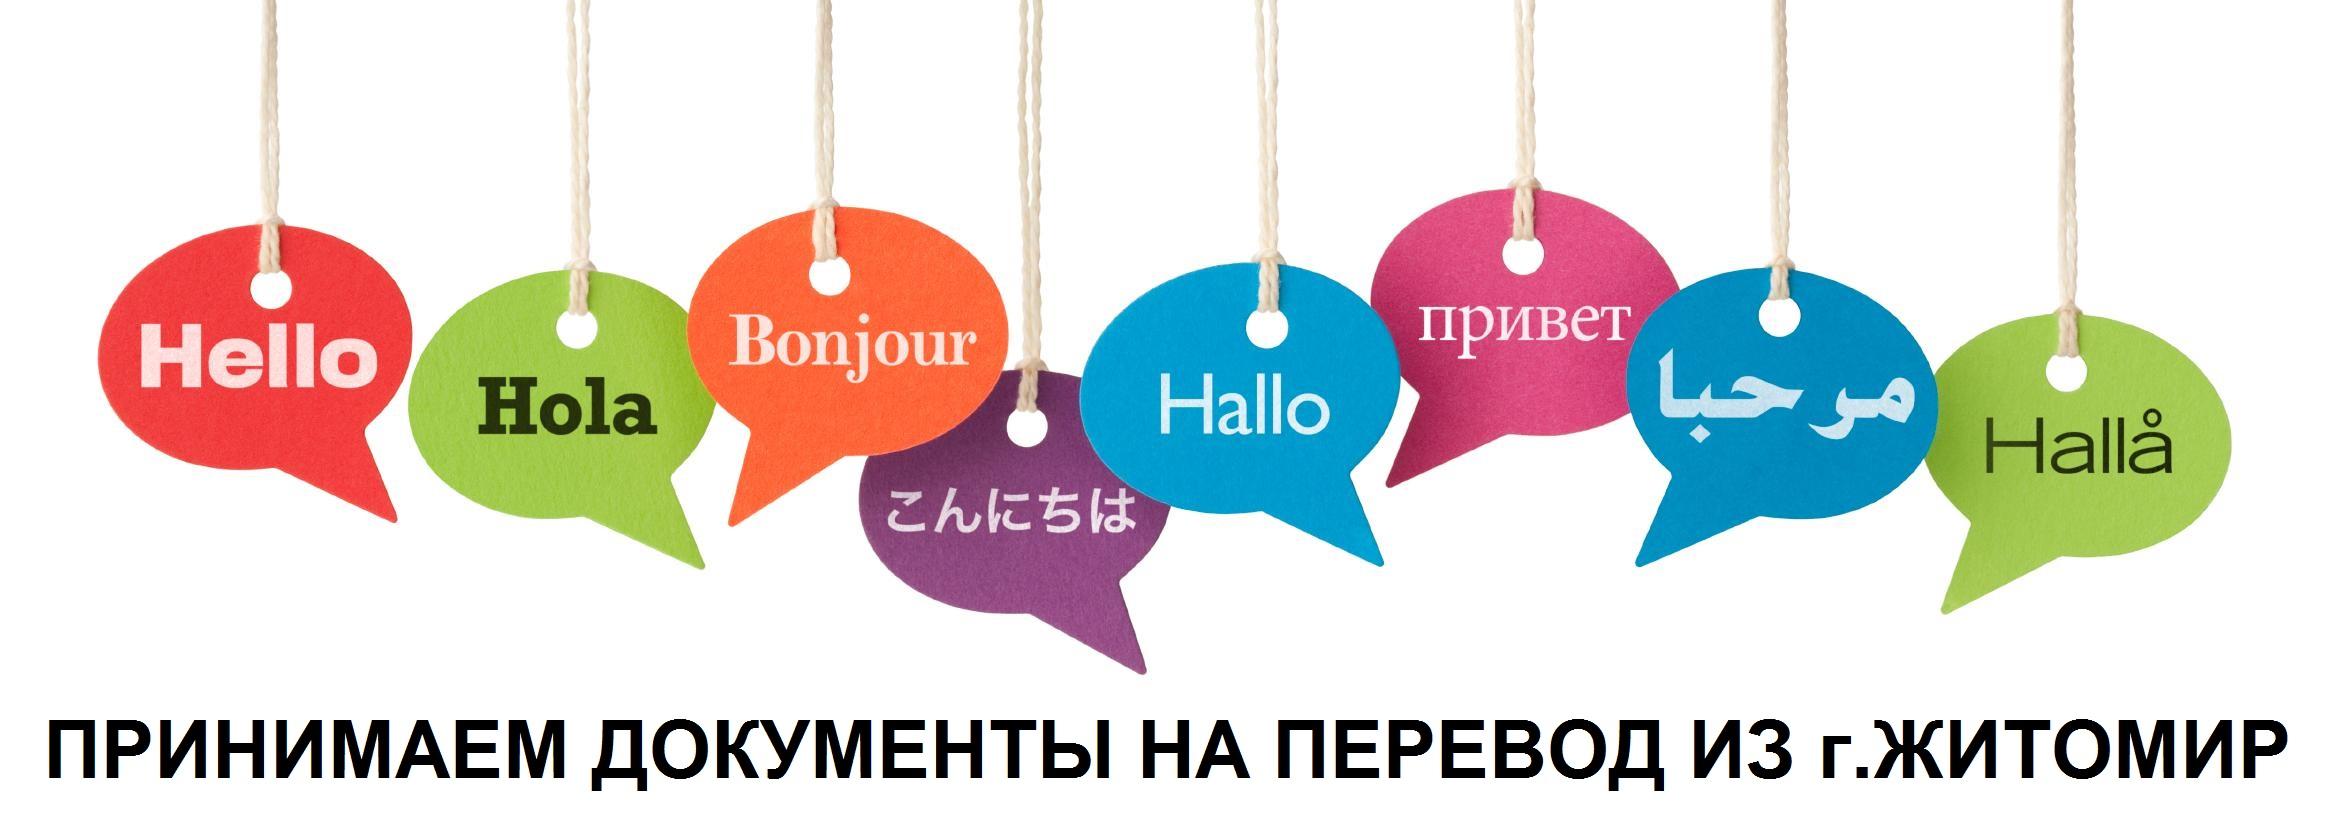 ПРИНИМАЕМ ДОКУМЕНТЫ НА ПЕРЕВОД ИЗ г.ЖИТОМИР - SpravkaInform.com.ua